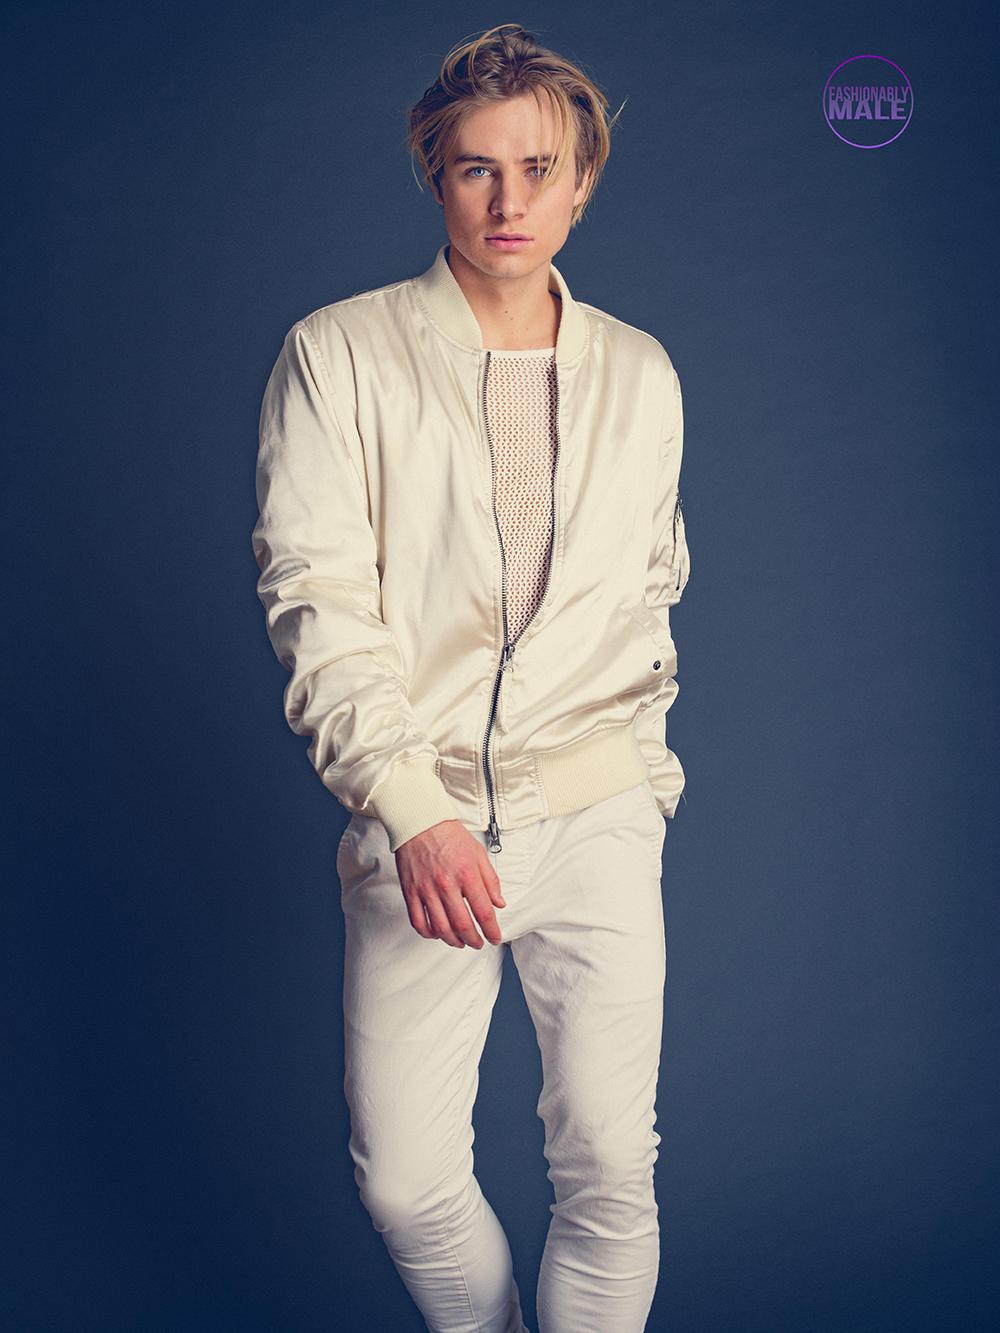 FashionablyMale ALEX CARRABRE (12)